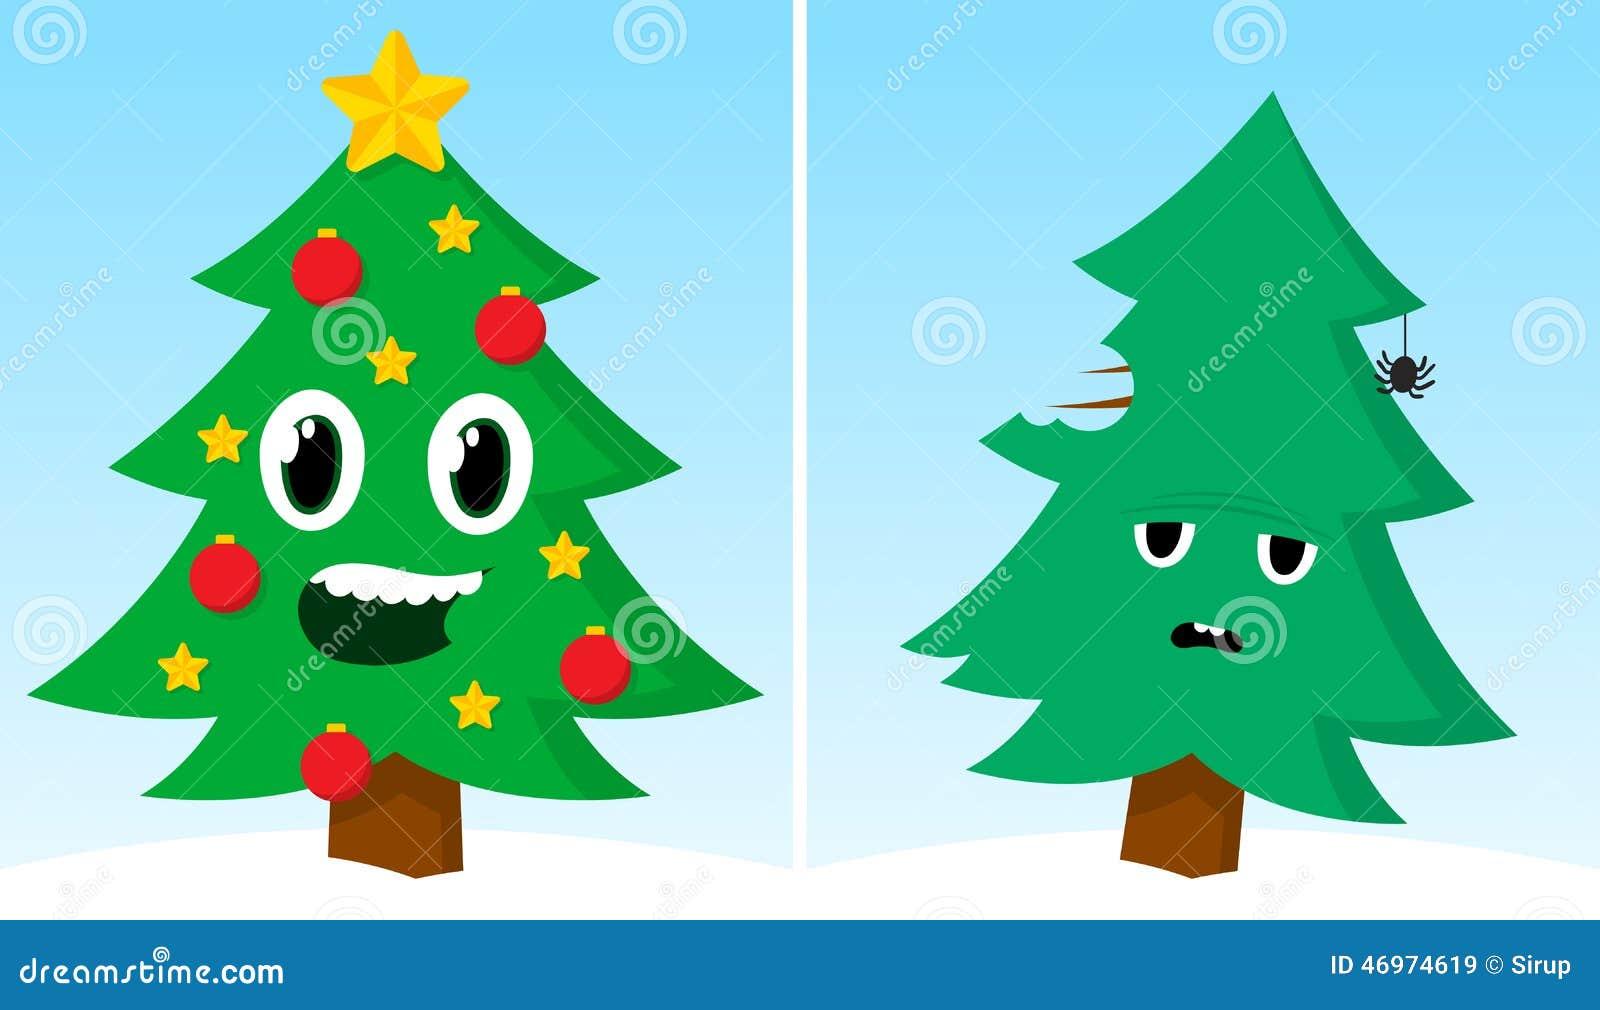 Bilder Nach Weihnachten.Zwei Weihnachtsbäume Ein Glückliches Traurig Nach Weihnachten Vektor